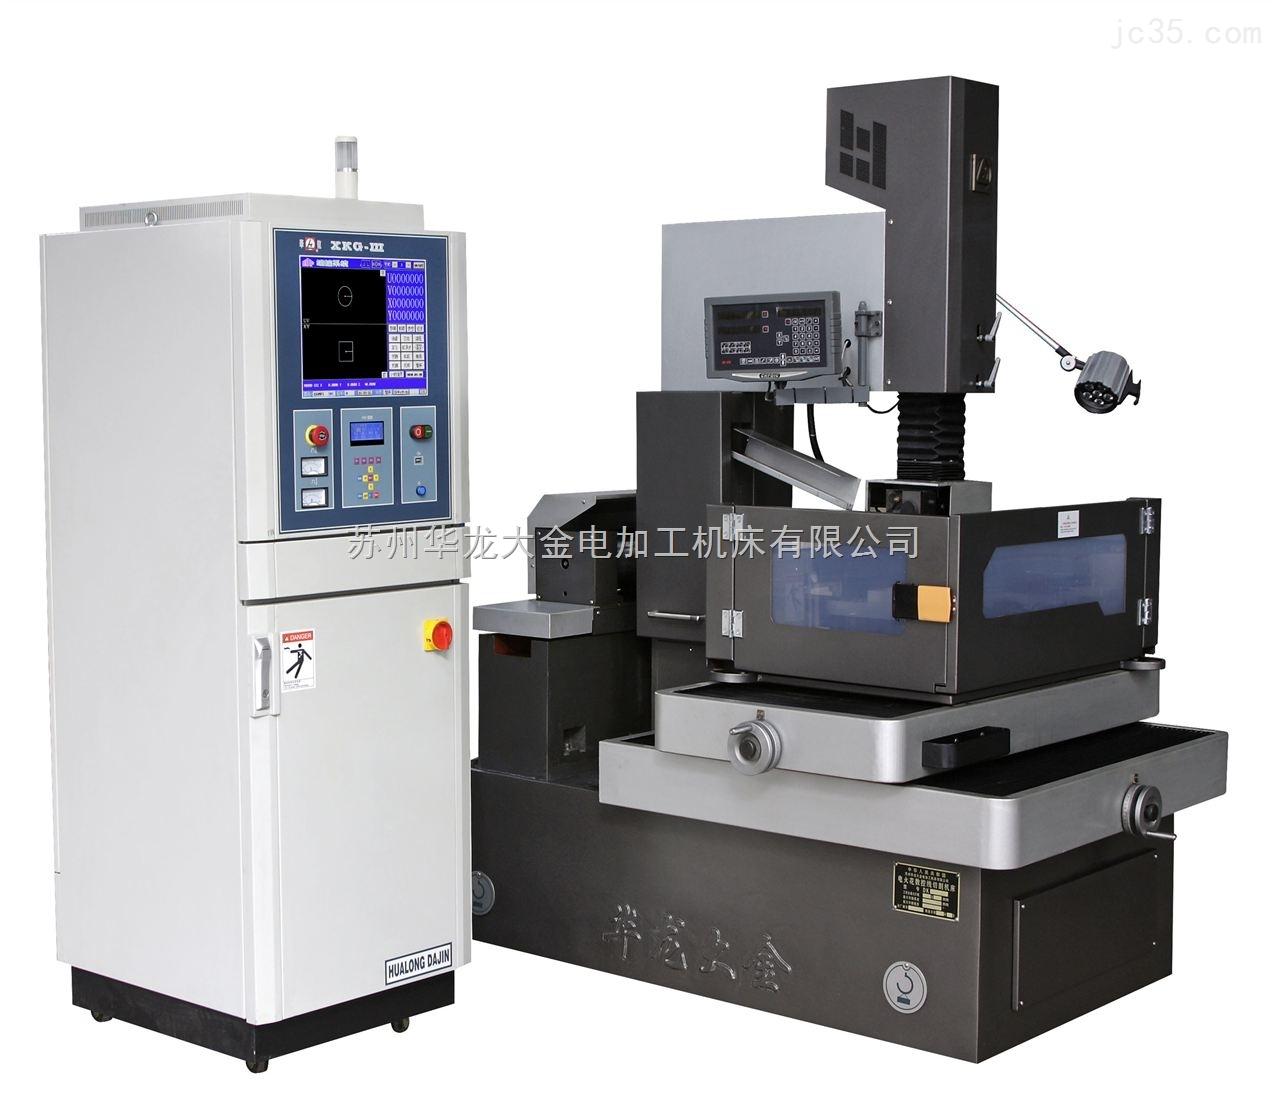 电控柜介绍 CNC控制系统、机床电器、高频电源三大部件采用模块化设计,集成在同一个电控柜内,结构紧凑,维修方便。控制机床实现分时、分段加工,显示加工轨迹,短路自动回退,断丝及加工结束自动关机等功能。 1、CNC系统的配置组成及技术性能 (1)、CNC的软件组成及操作平台 a、CNC软件由HF自动编程、控制系统功能模块组成 b、操作平台为WIN98 (2)、CNC系统的技术性能 a、四轴联动 b、斜度加工(异形加工) (3)、CNC系统运行环境 a、温度: 5~60 b、相对湿度: 40%~90% 2、编控